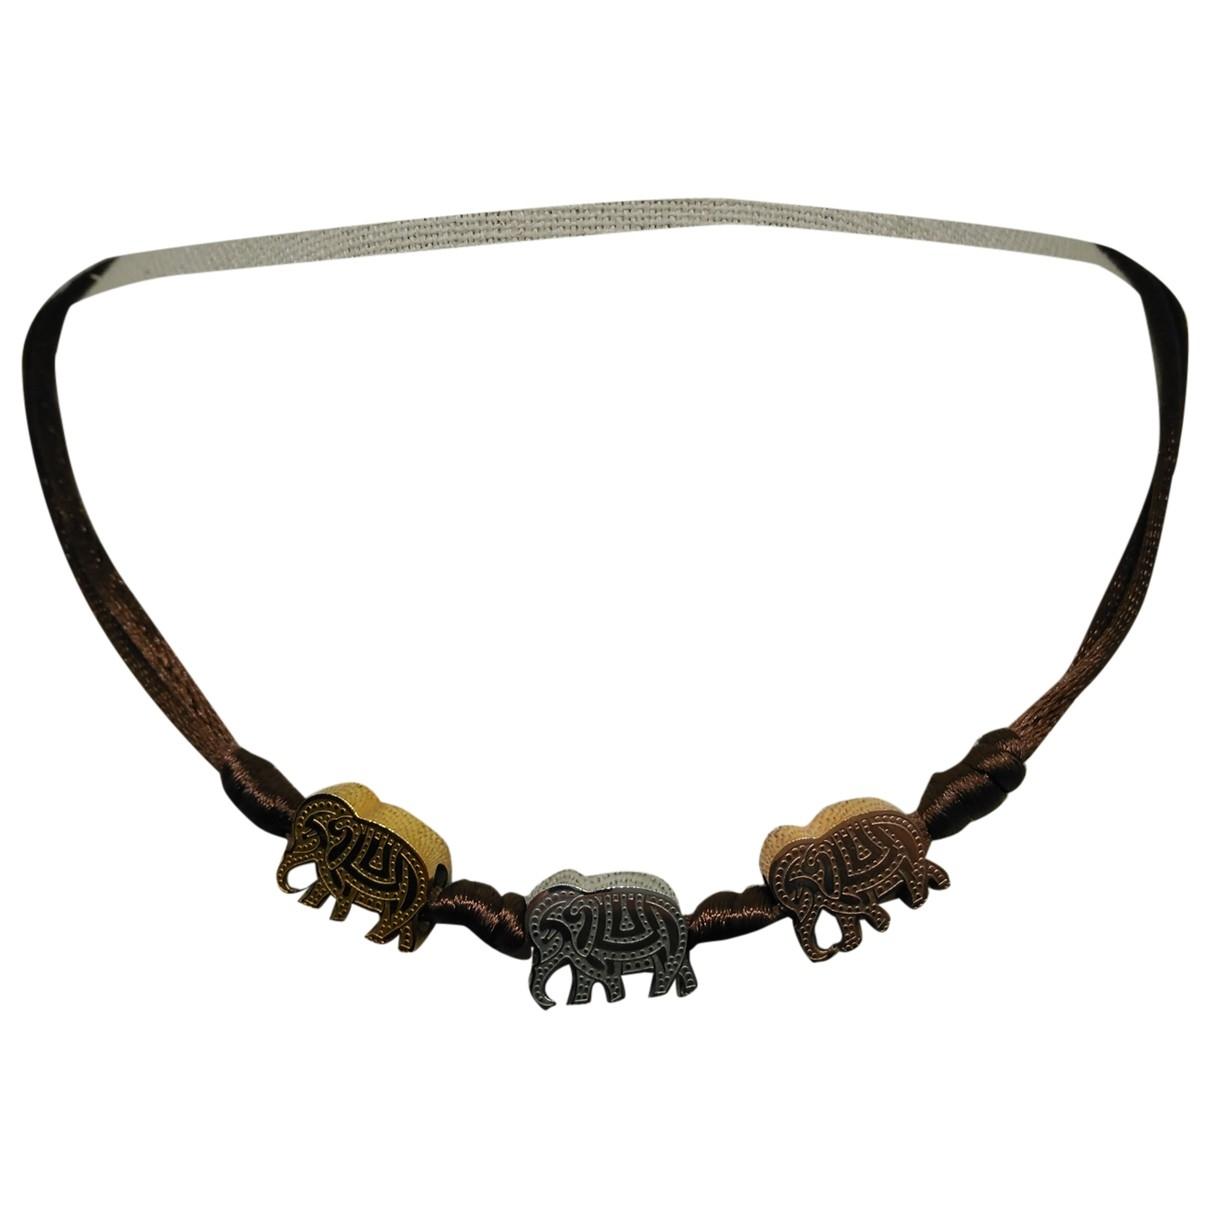 Collar de Seda Non Signe / Unsigned